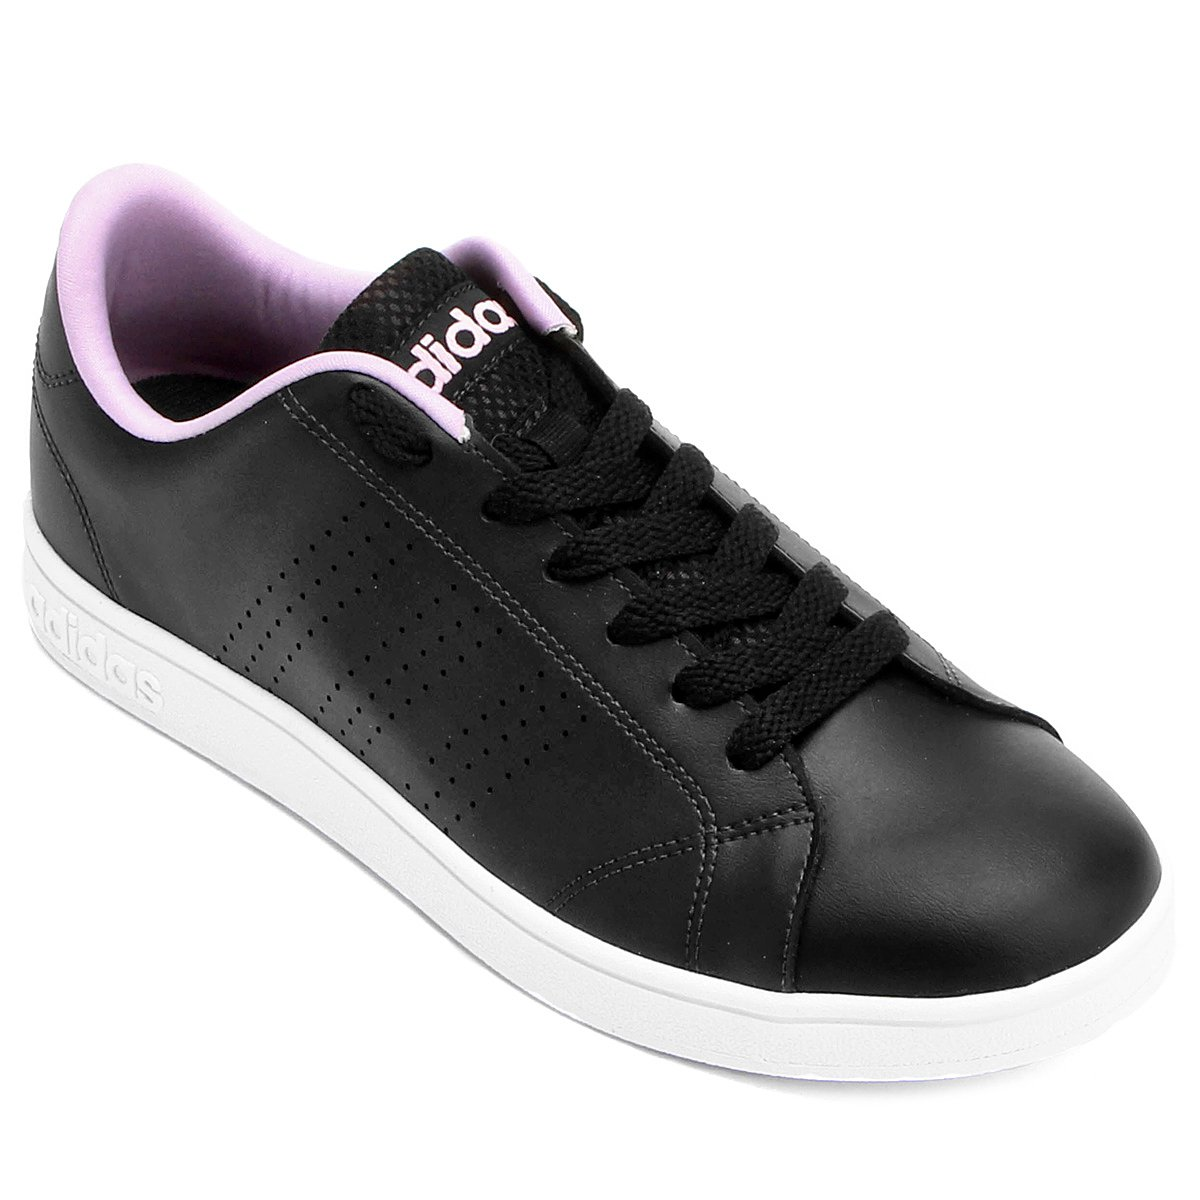 5e79655ccc Tênis Adidas Vs Advantage Clean Feminino - Preto e Rosa - Compre ...